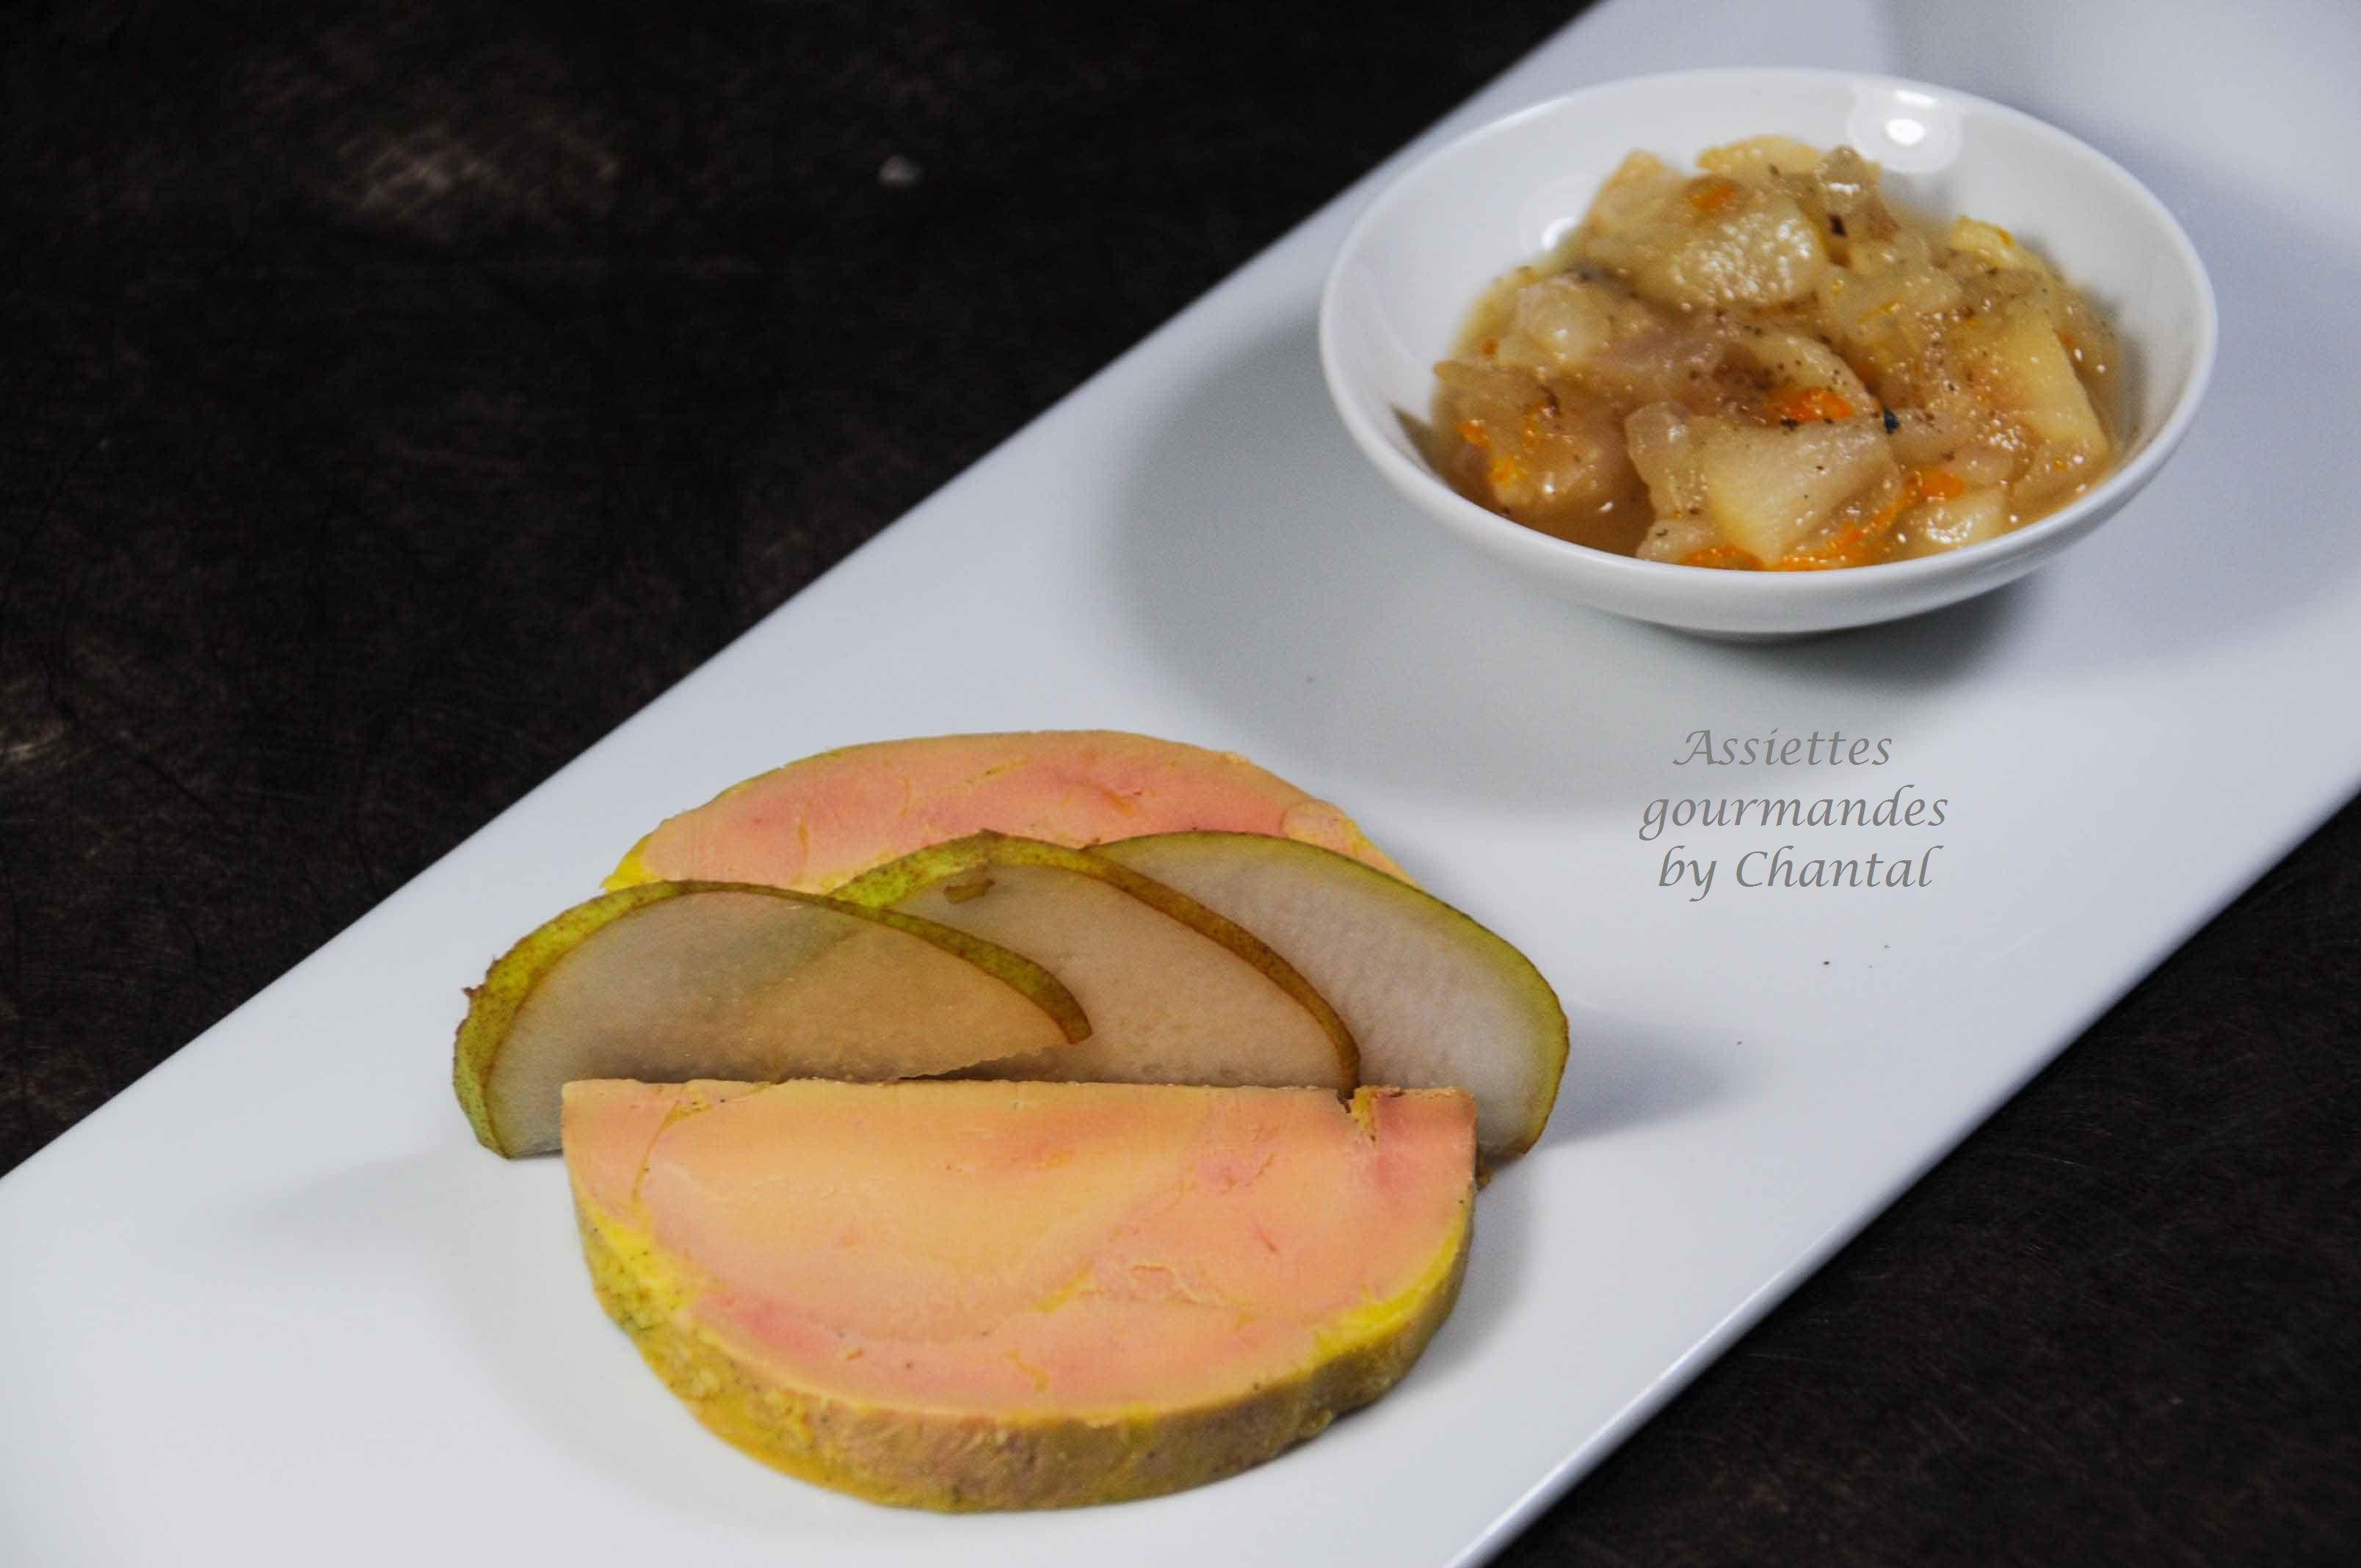 foie gras cuisson sous vide basse temperature cuissons base temp rature sous vide foie. Black Bedroom Furniture Sets. Home Design Ideas